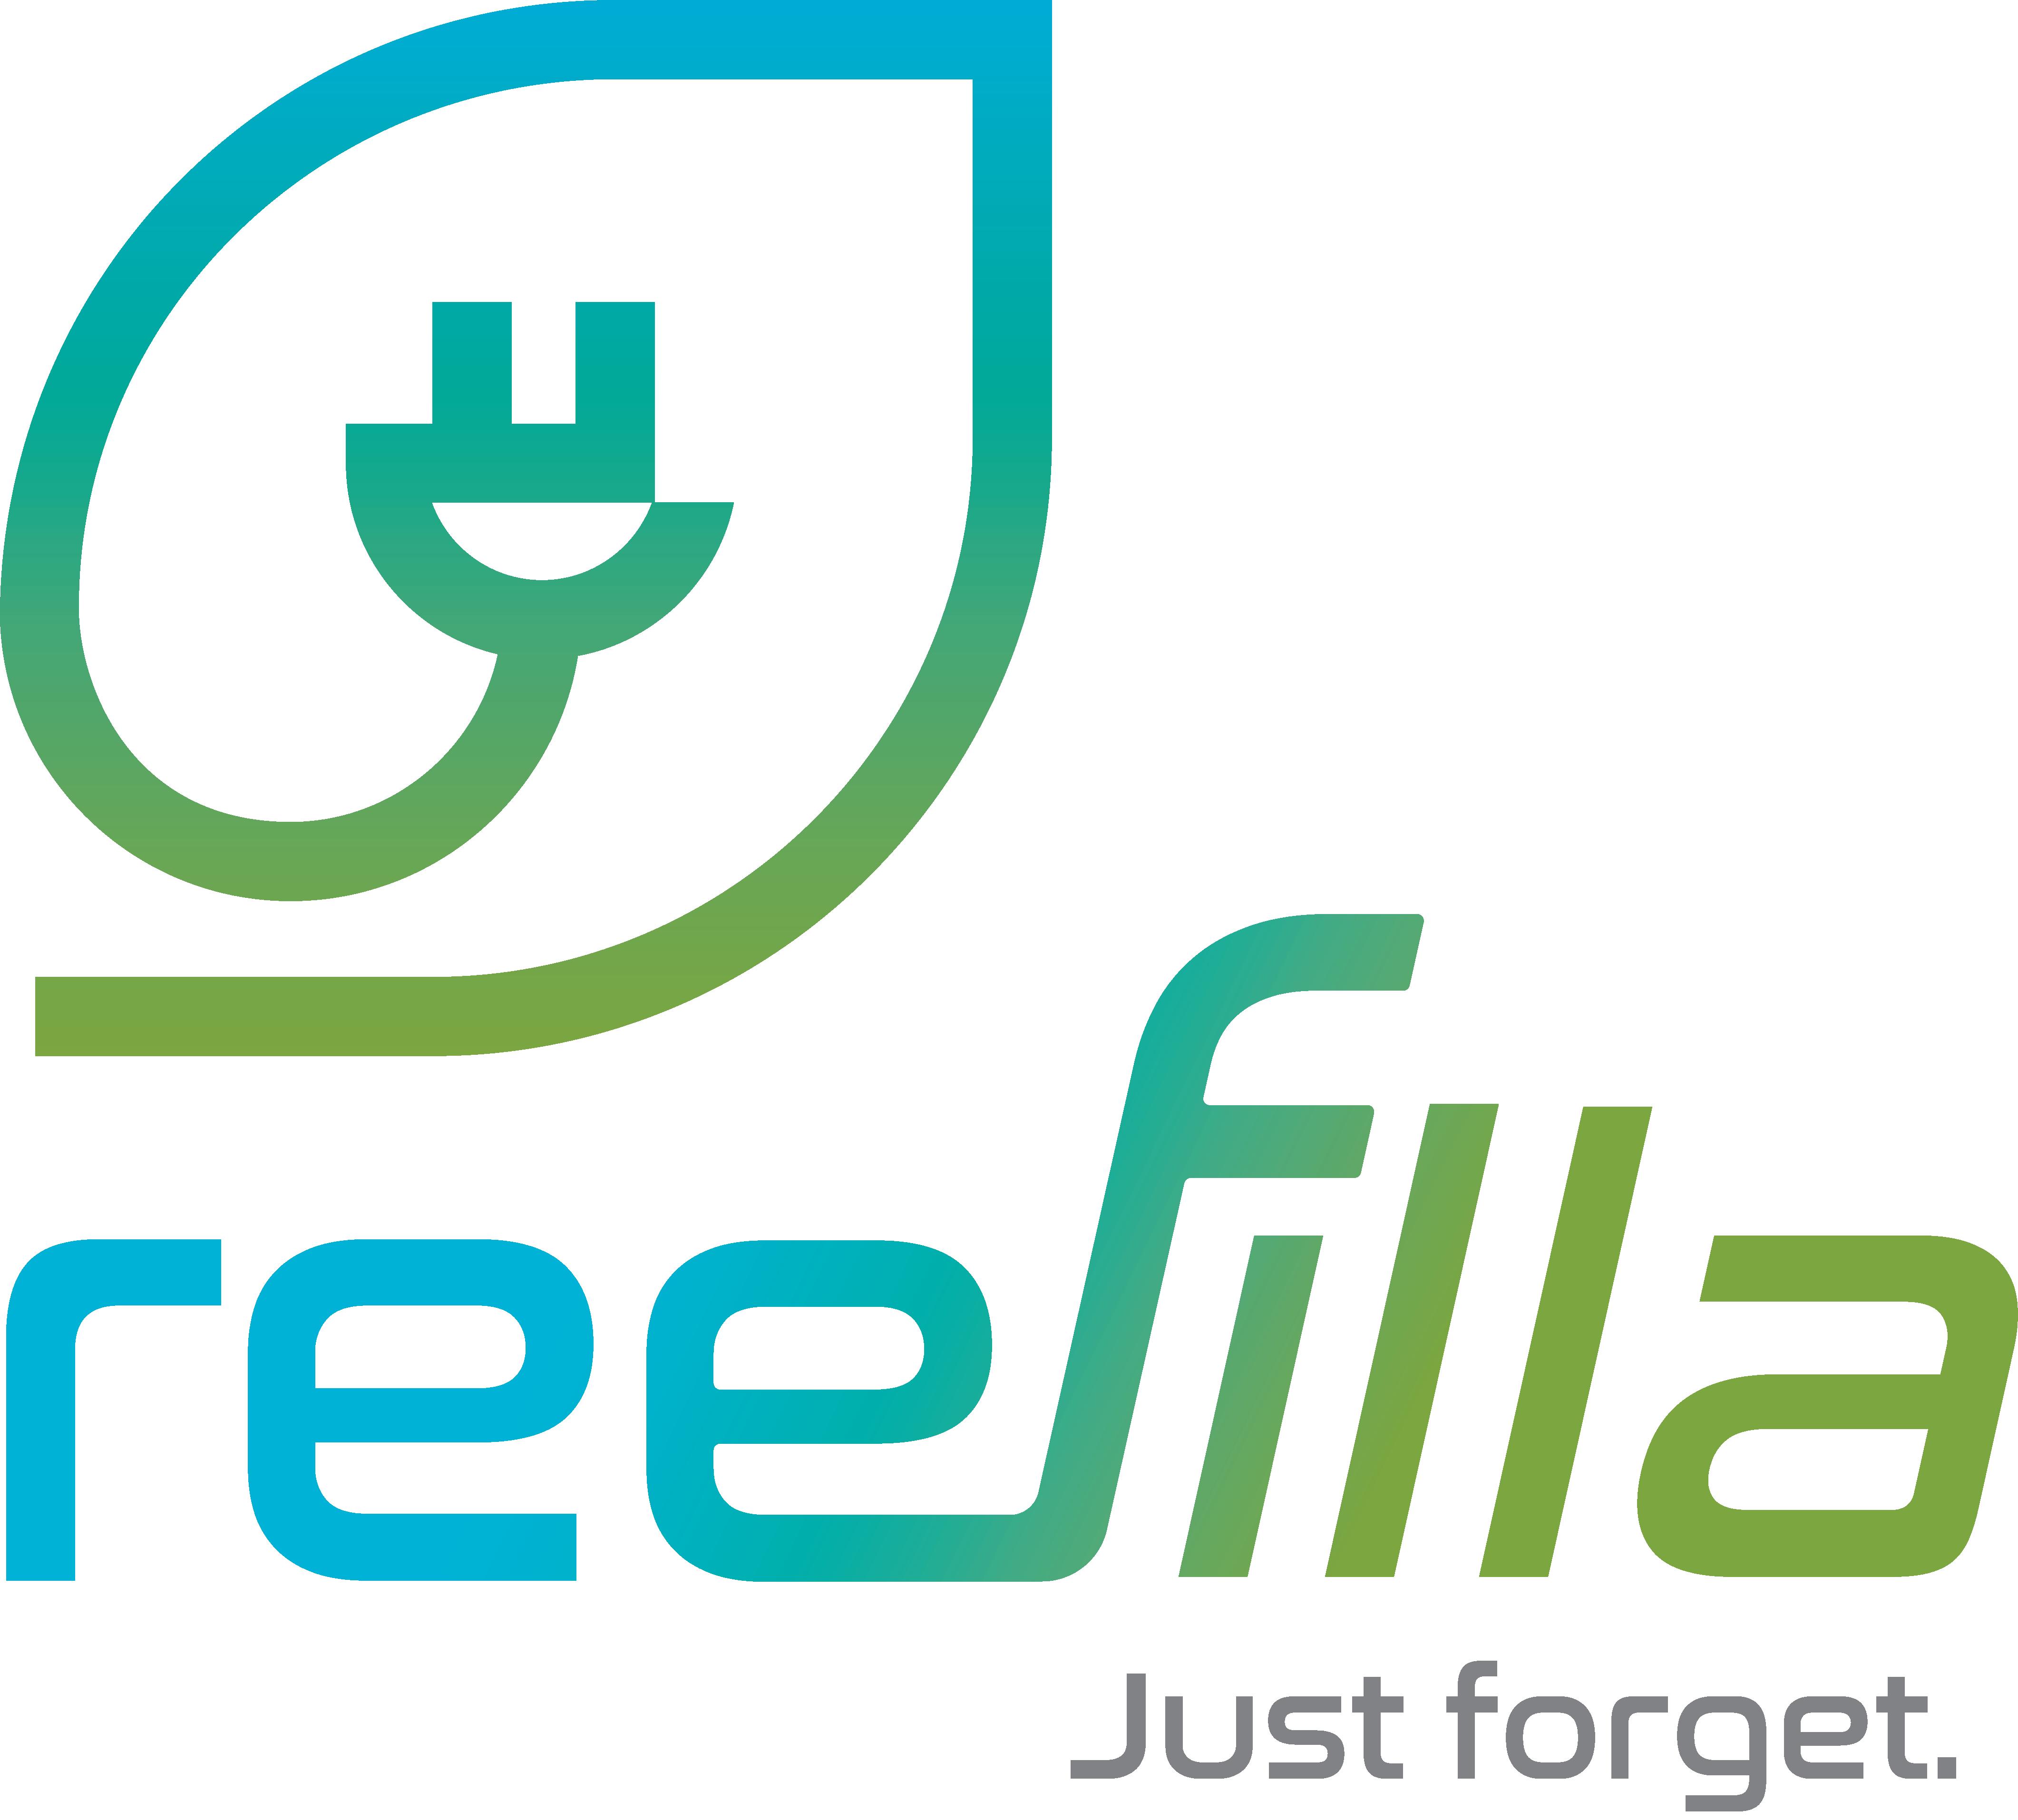 Reefilla